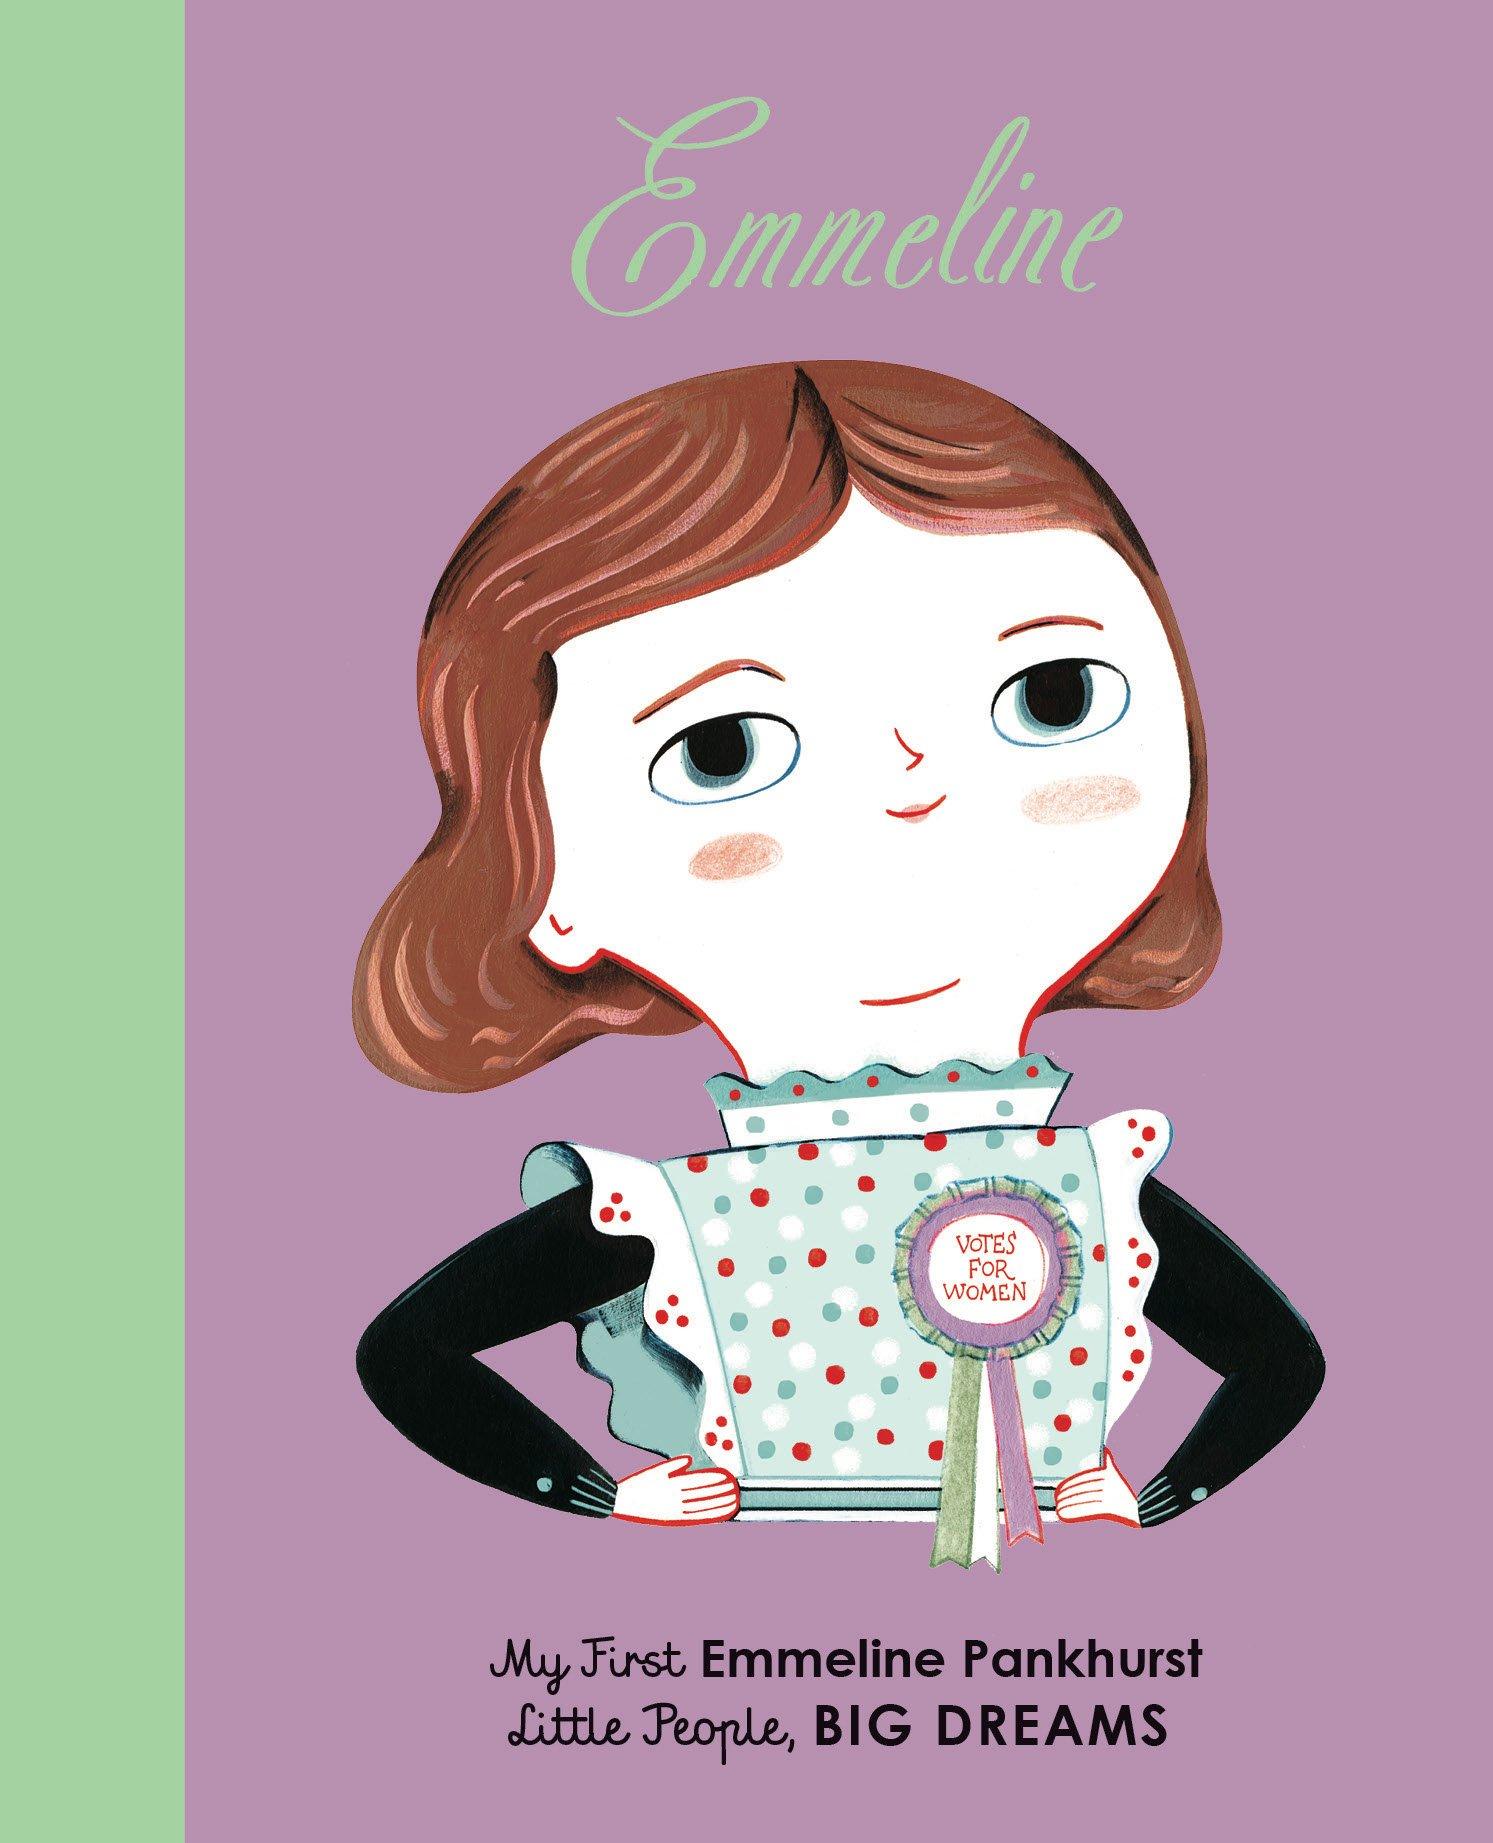 Emmeline Pankhurst: My First Emmeline Pankhurst (Little People Big Dreams)